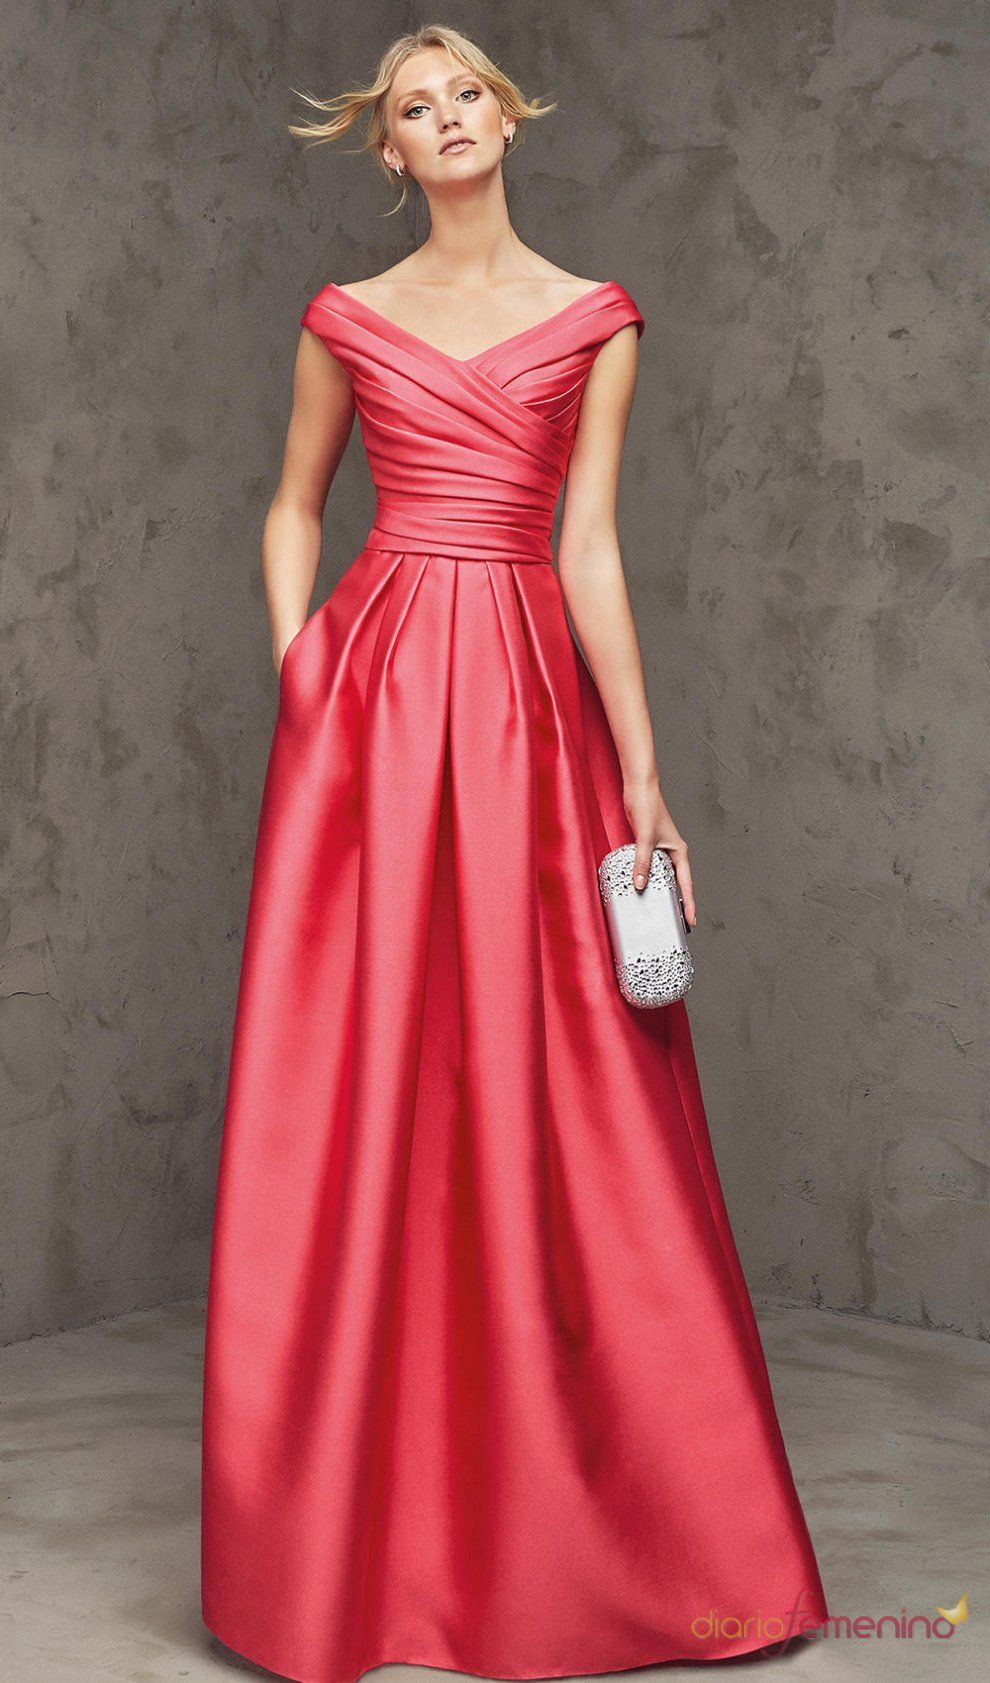 Imagenes de vestidos para una boda de noche